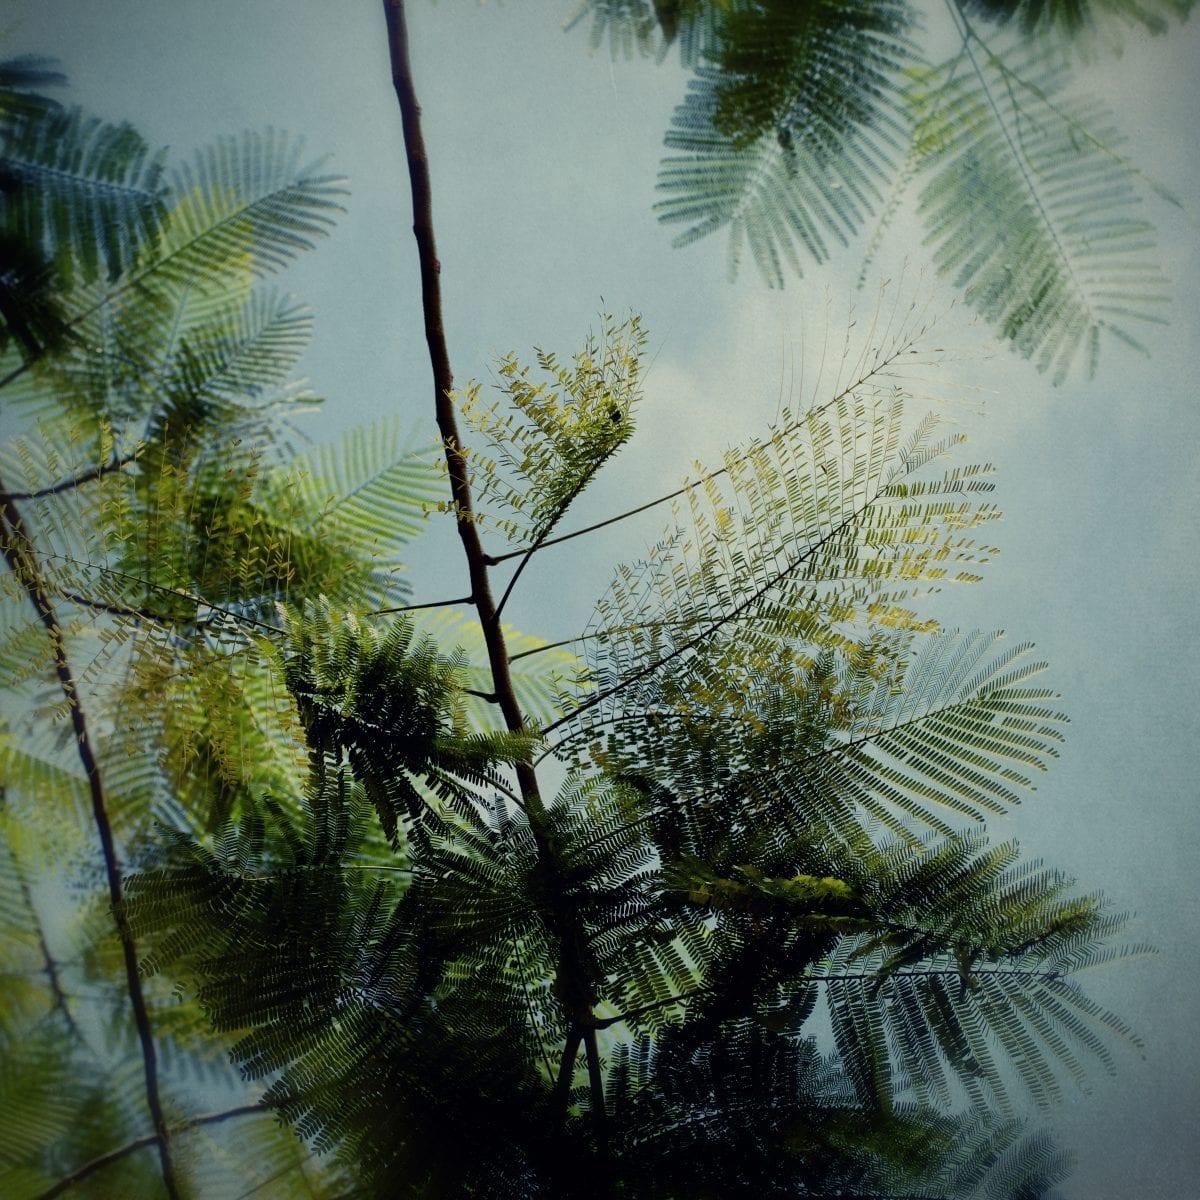 Trees7_Adeline Spengler